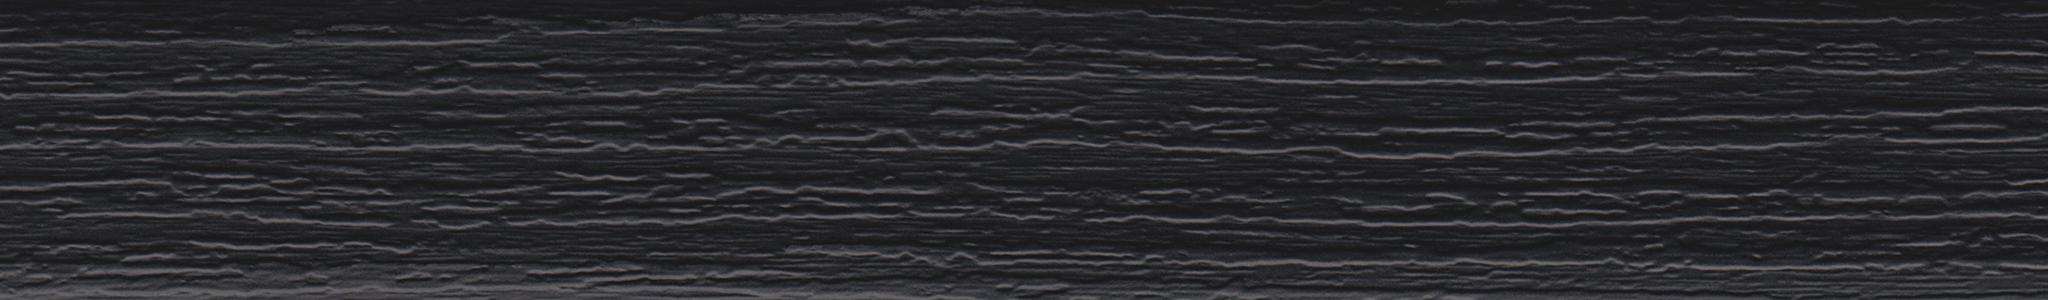 HU 19015 ABS Kante Schwarz Grobe Pore 104